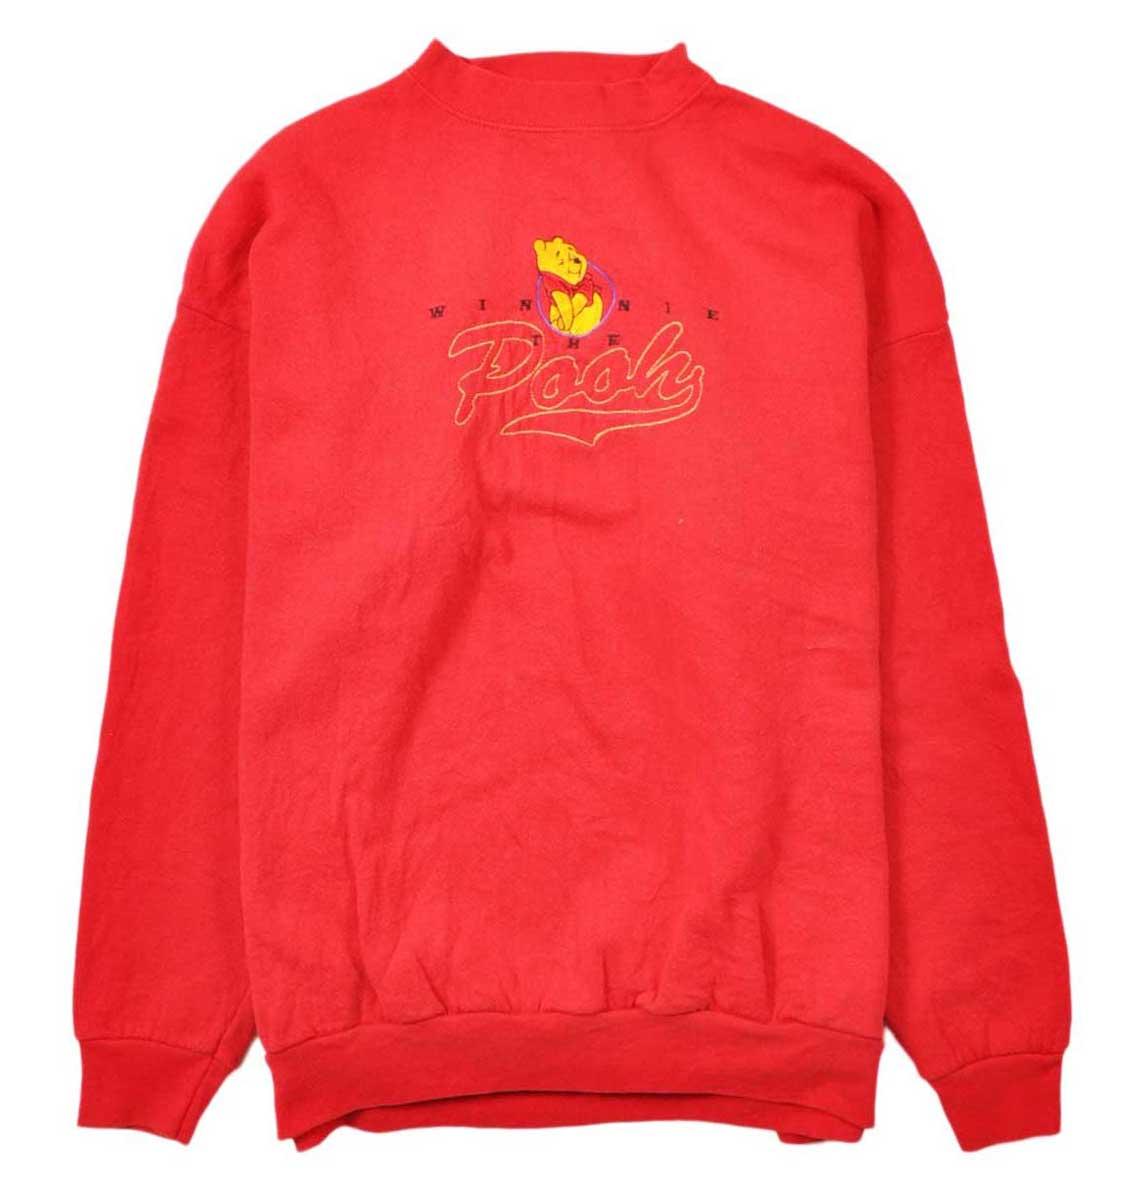 【ビッグサイズ】ヴィンテージ 1990年代 USA製 Disney ディズニー WINNIE THE POOH くまのプーさん スウェット レッド 刺繍 メンズXL【中古】▼